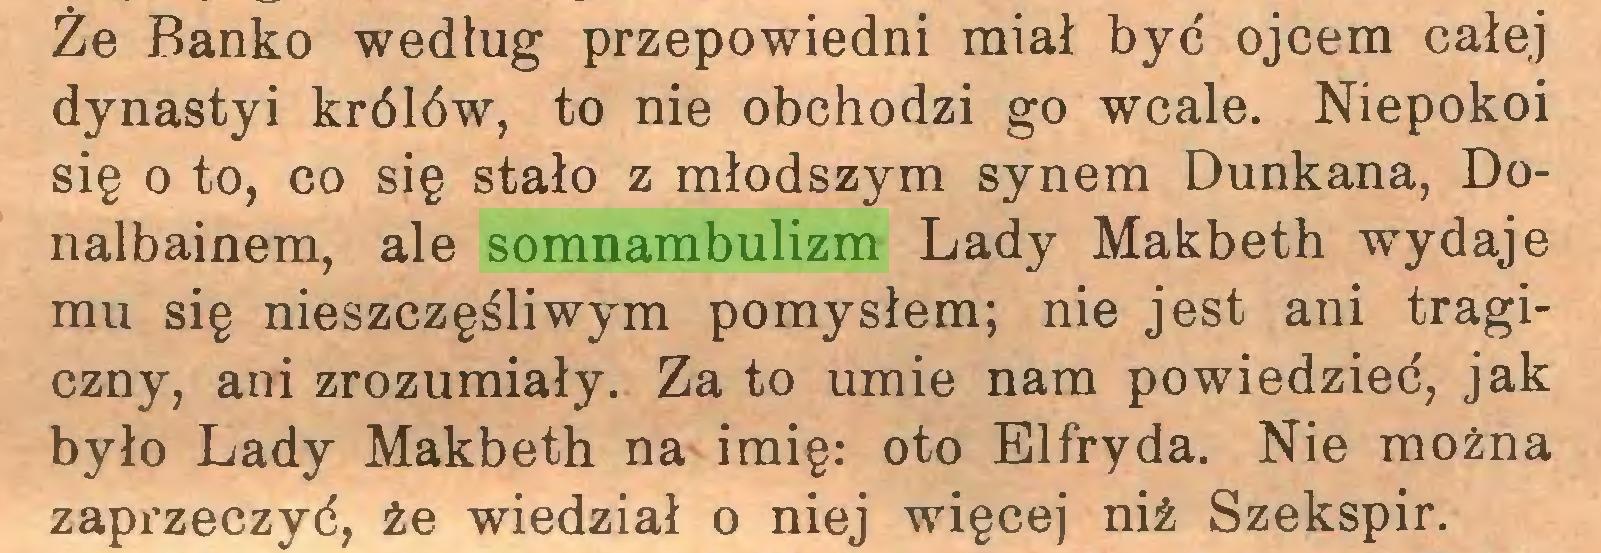 (...) Że Banko według przepowiedni miał być ojcem całej dynastyi królów, to nie obchodzi go wcale. Niepokoi się o to, co się stało z młodszym synem Dunkana, Donalbainem, ale somnambulizm Lady Makbeth wydaje mu się nieszczęśliwym pomysłem; nie jest ani tragiczny, ani zrozumiały. Za to umie nam powiedzieć, jak było Lady Makbeth na imię: oto Elfryda. Nie można zapx*zeczyć, że wiedział o niej więcej niż Szekspir...